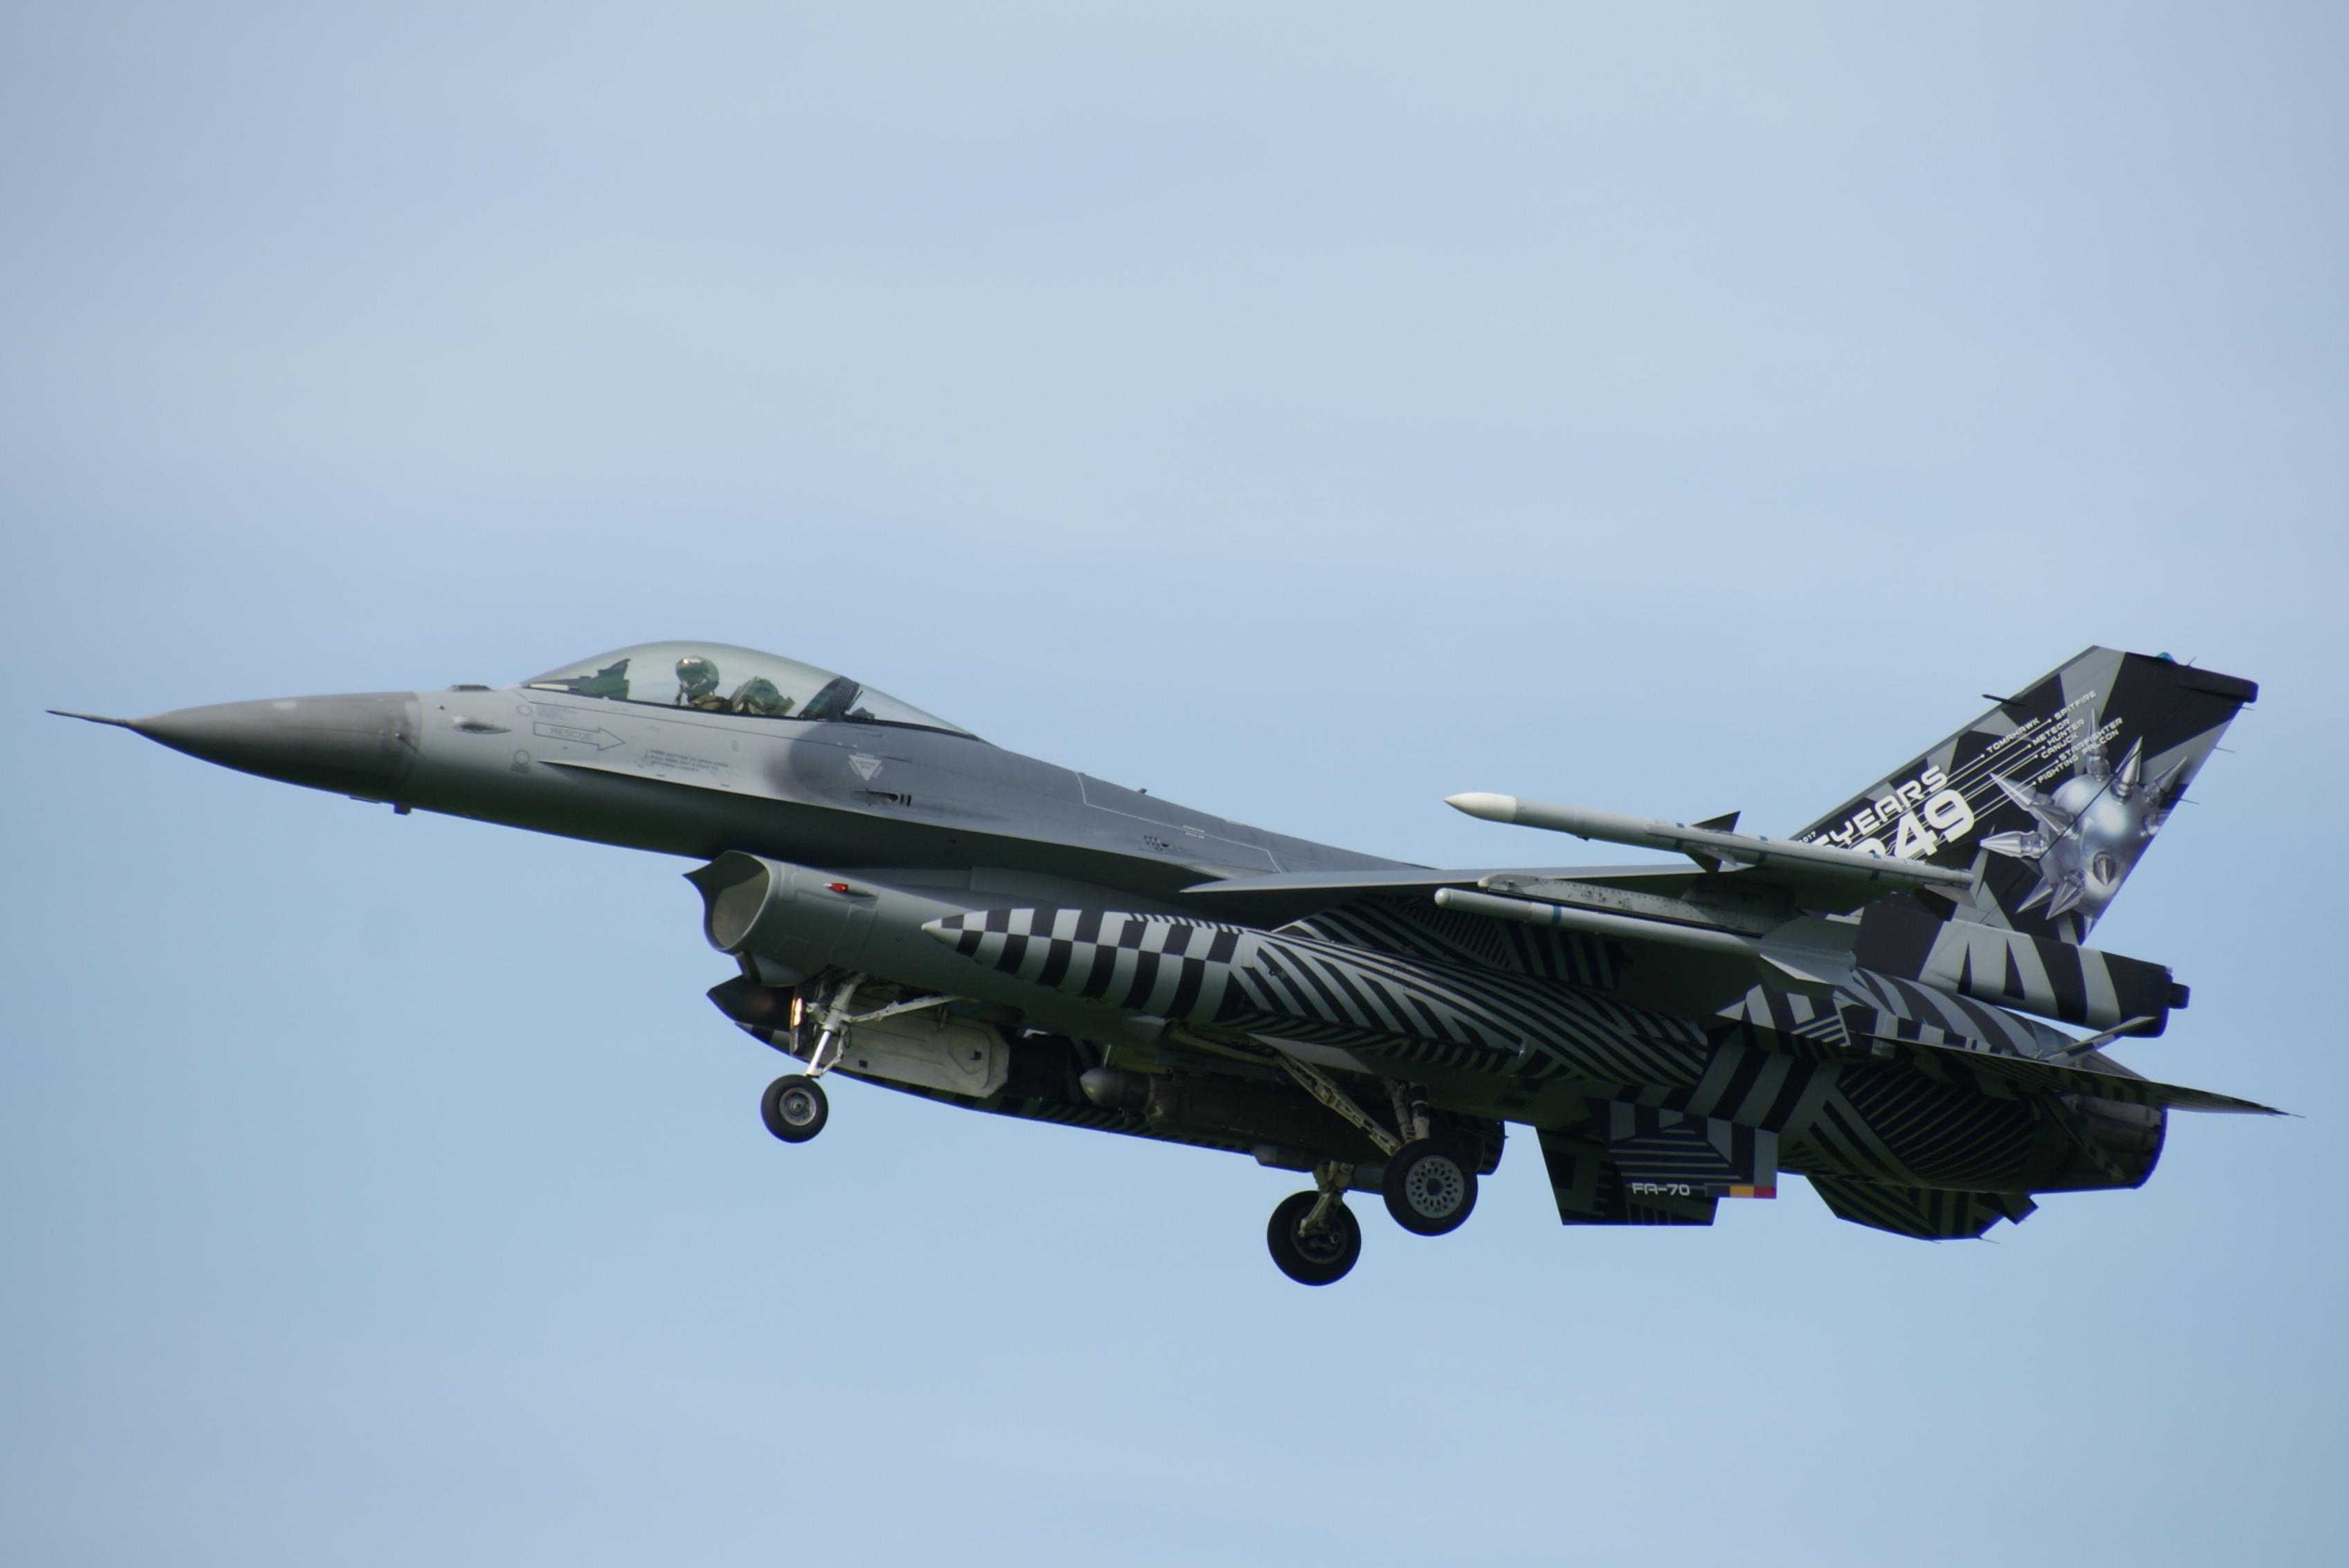 Naam: FA-70 SPECIAL (4).jpg Bekeken: 138 Grootte: 239,1 KB